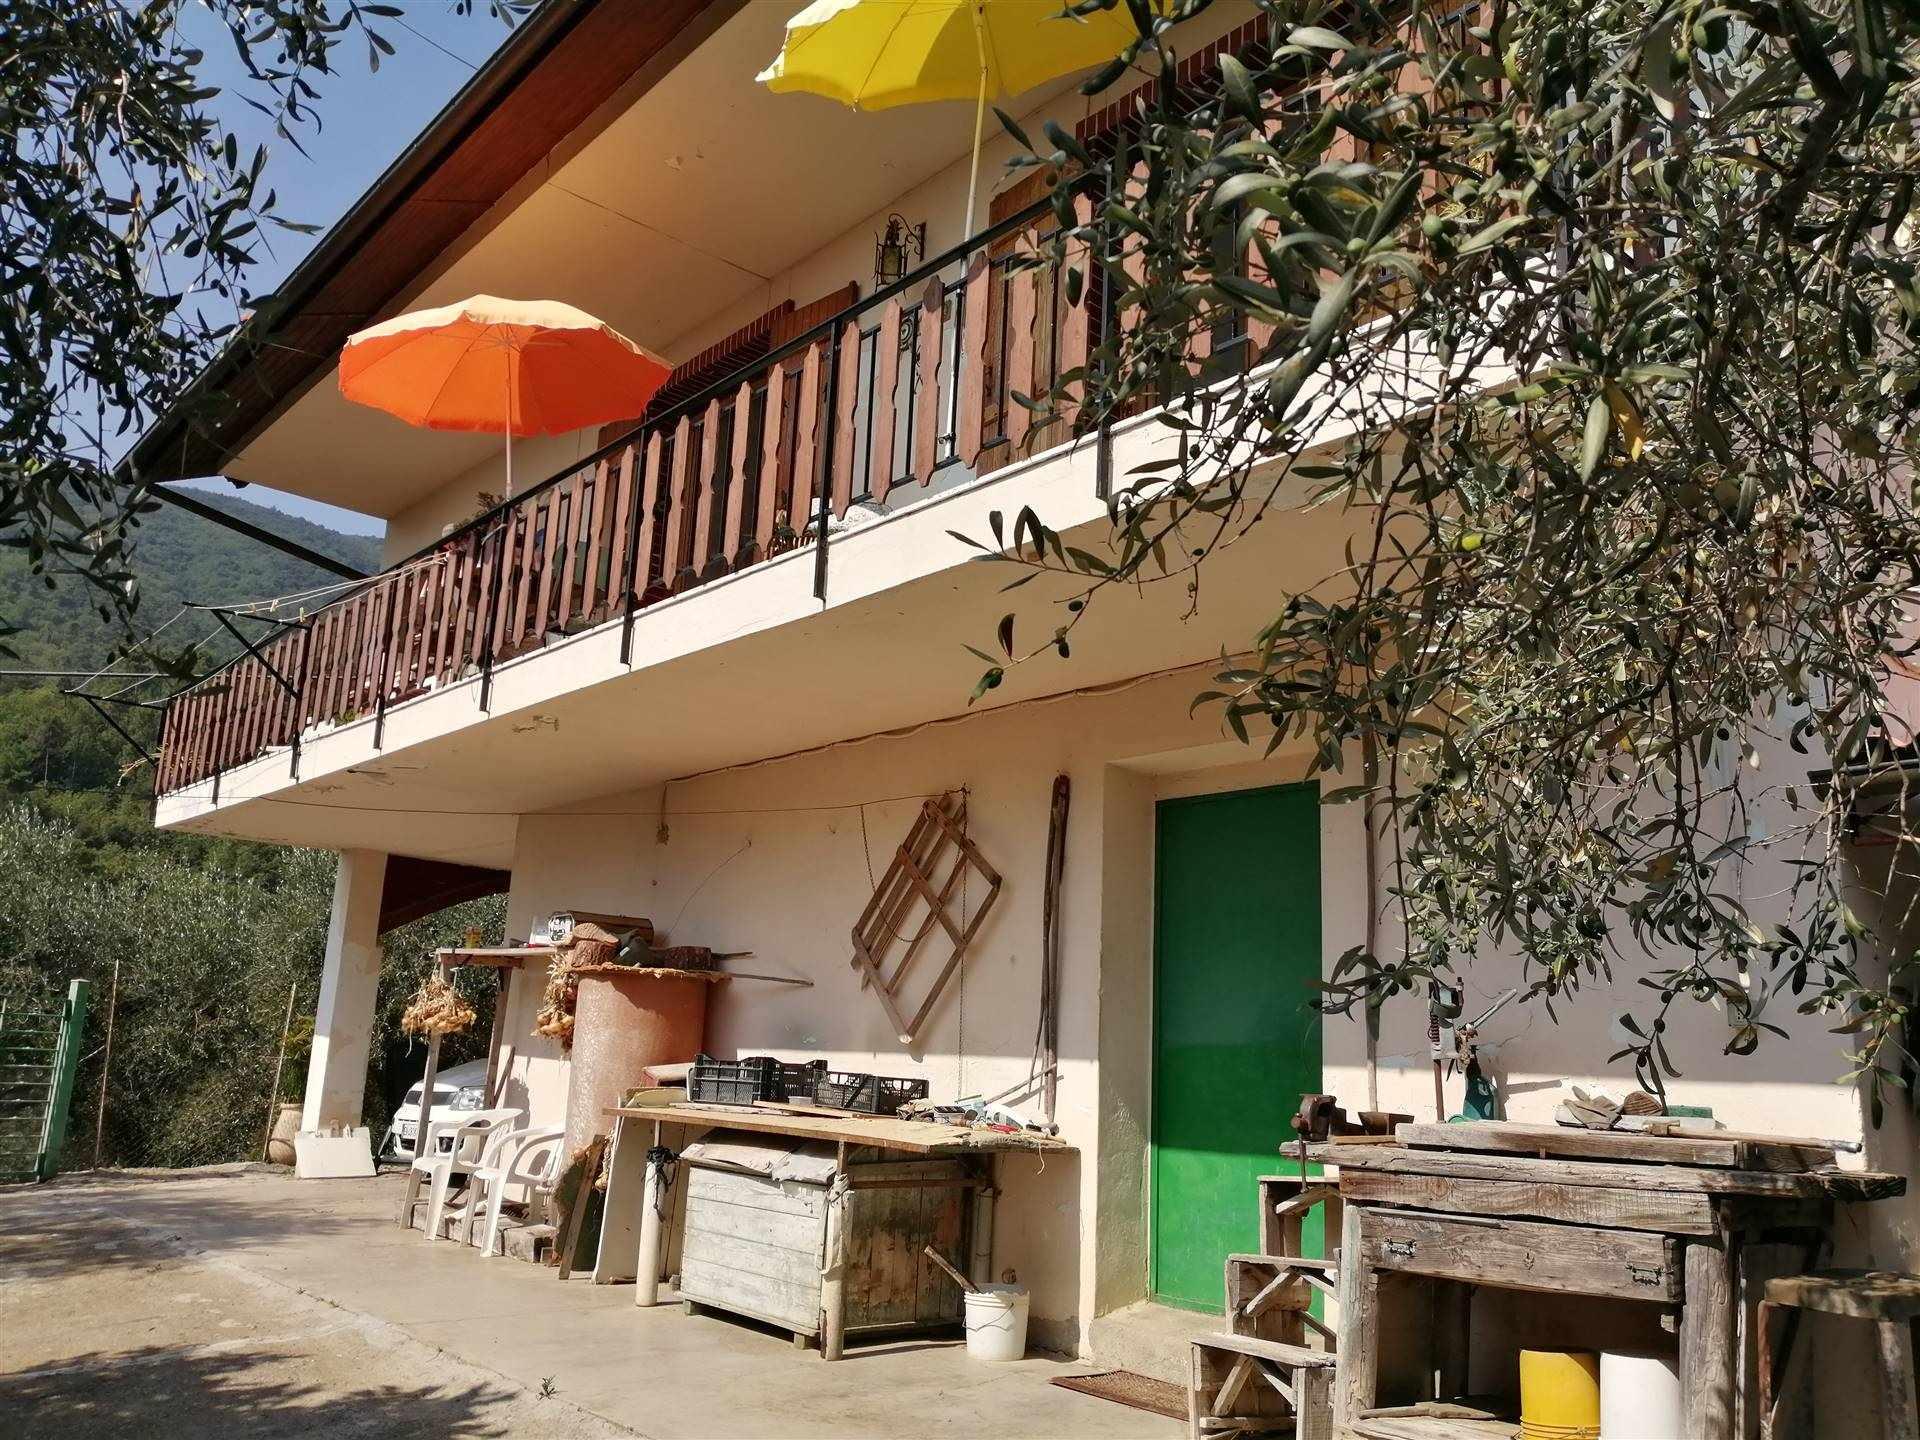 Appartamento in vendita a Ceriana, 3 locali, prezzo € 140.000 | CambioCasa.it